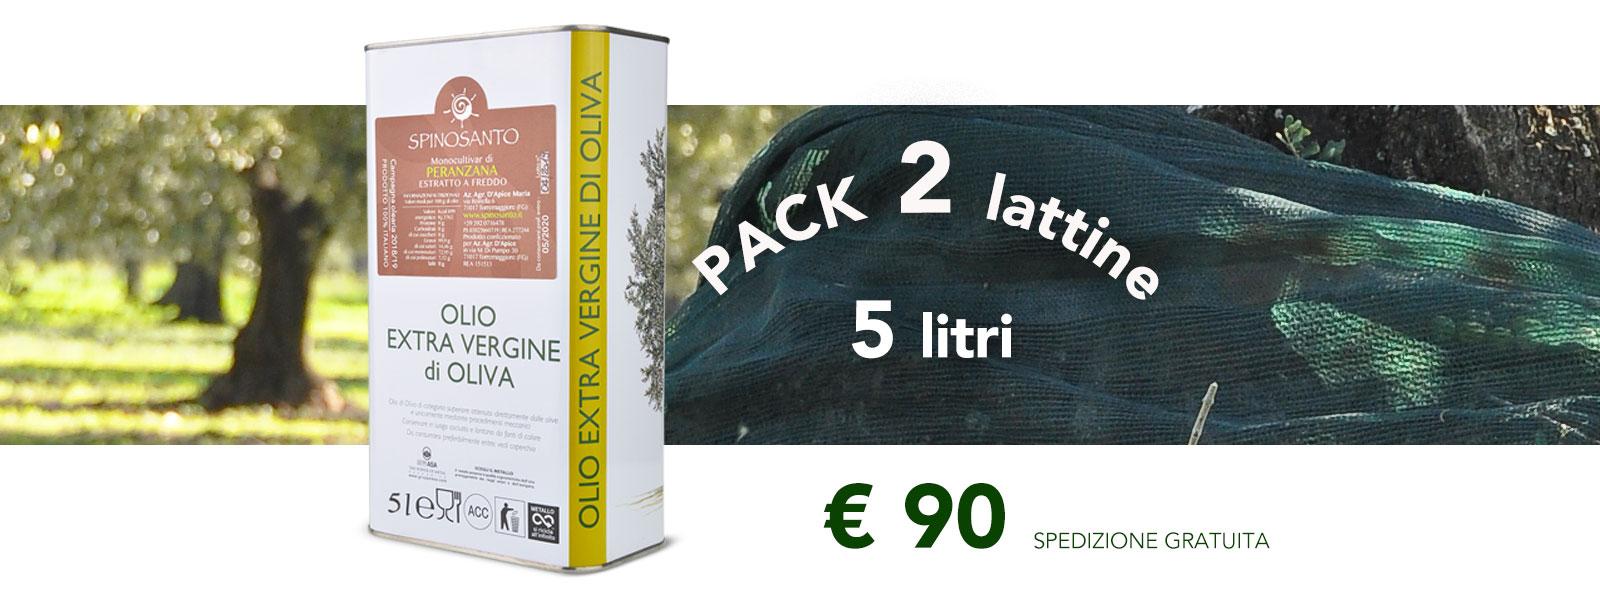 vendita olio extravergine di oliva pugliese